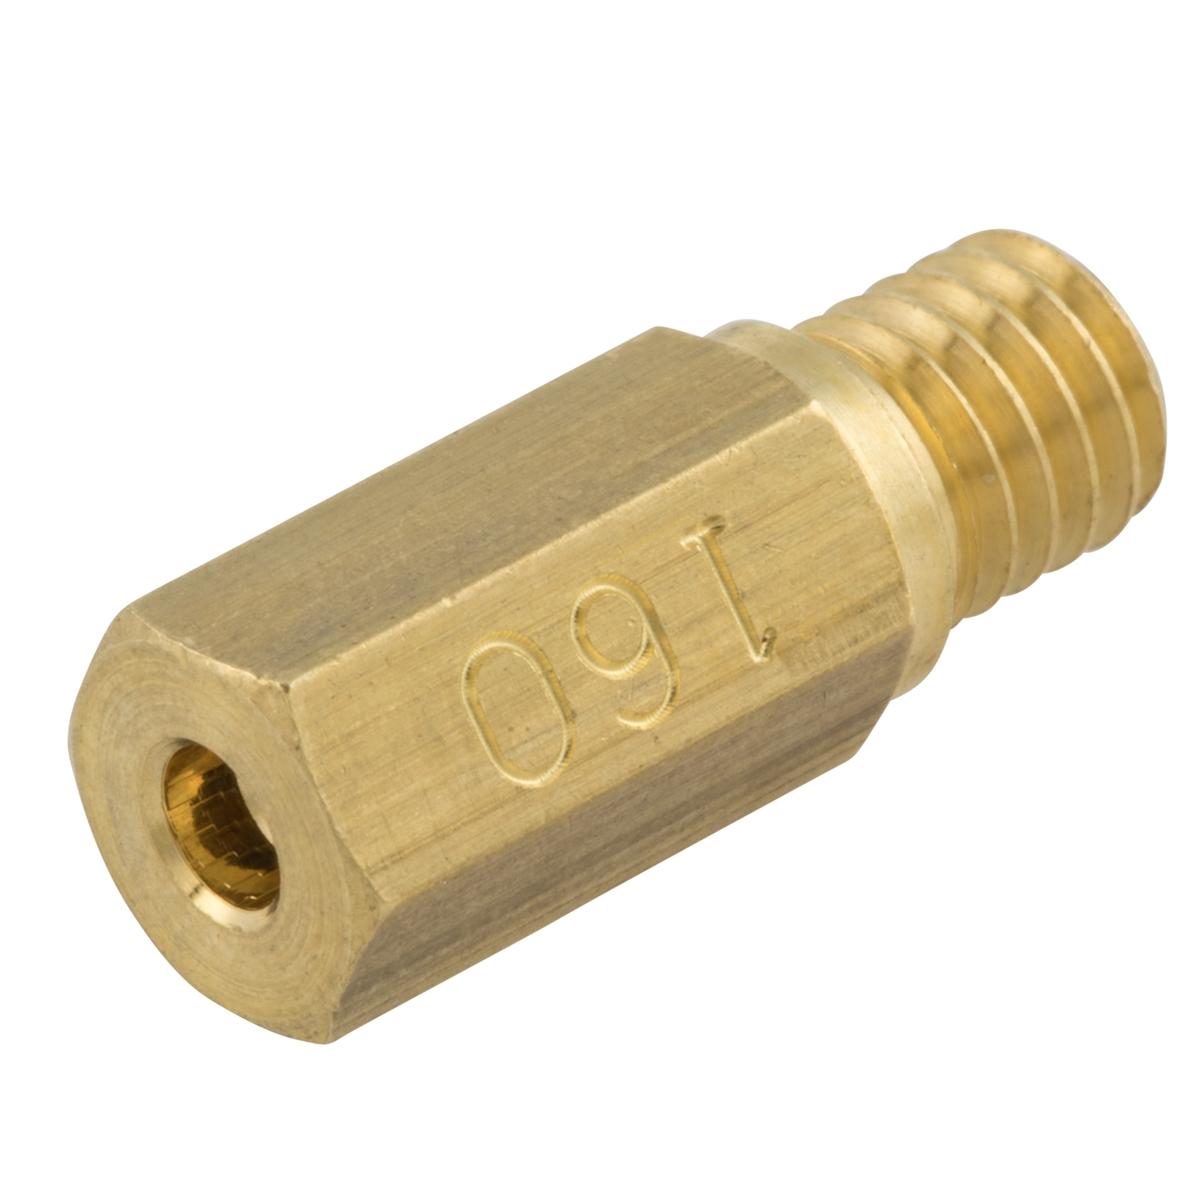 Obrázek výrobku pro 'Tryska KMT 160 Ø 6 mmTitle'